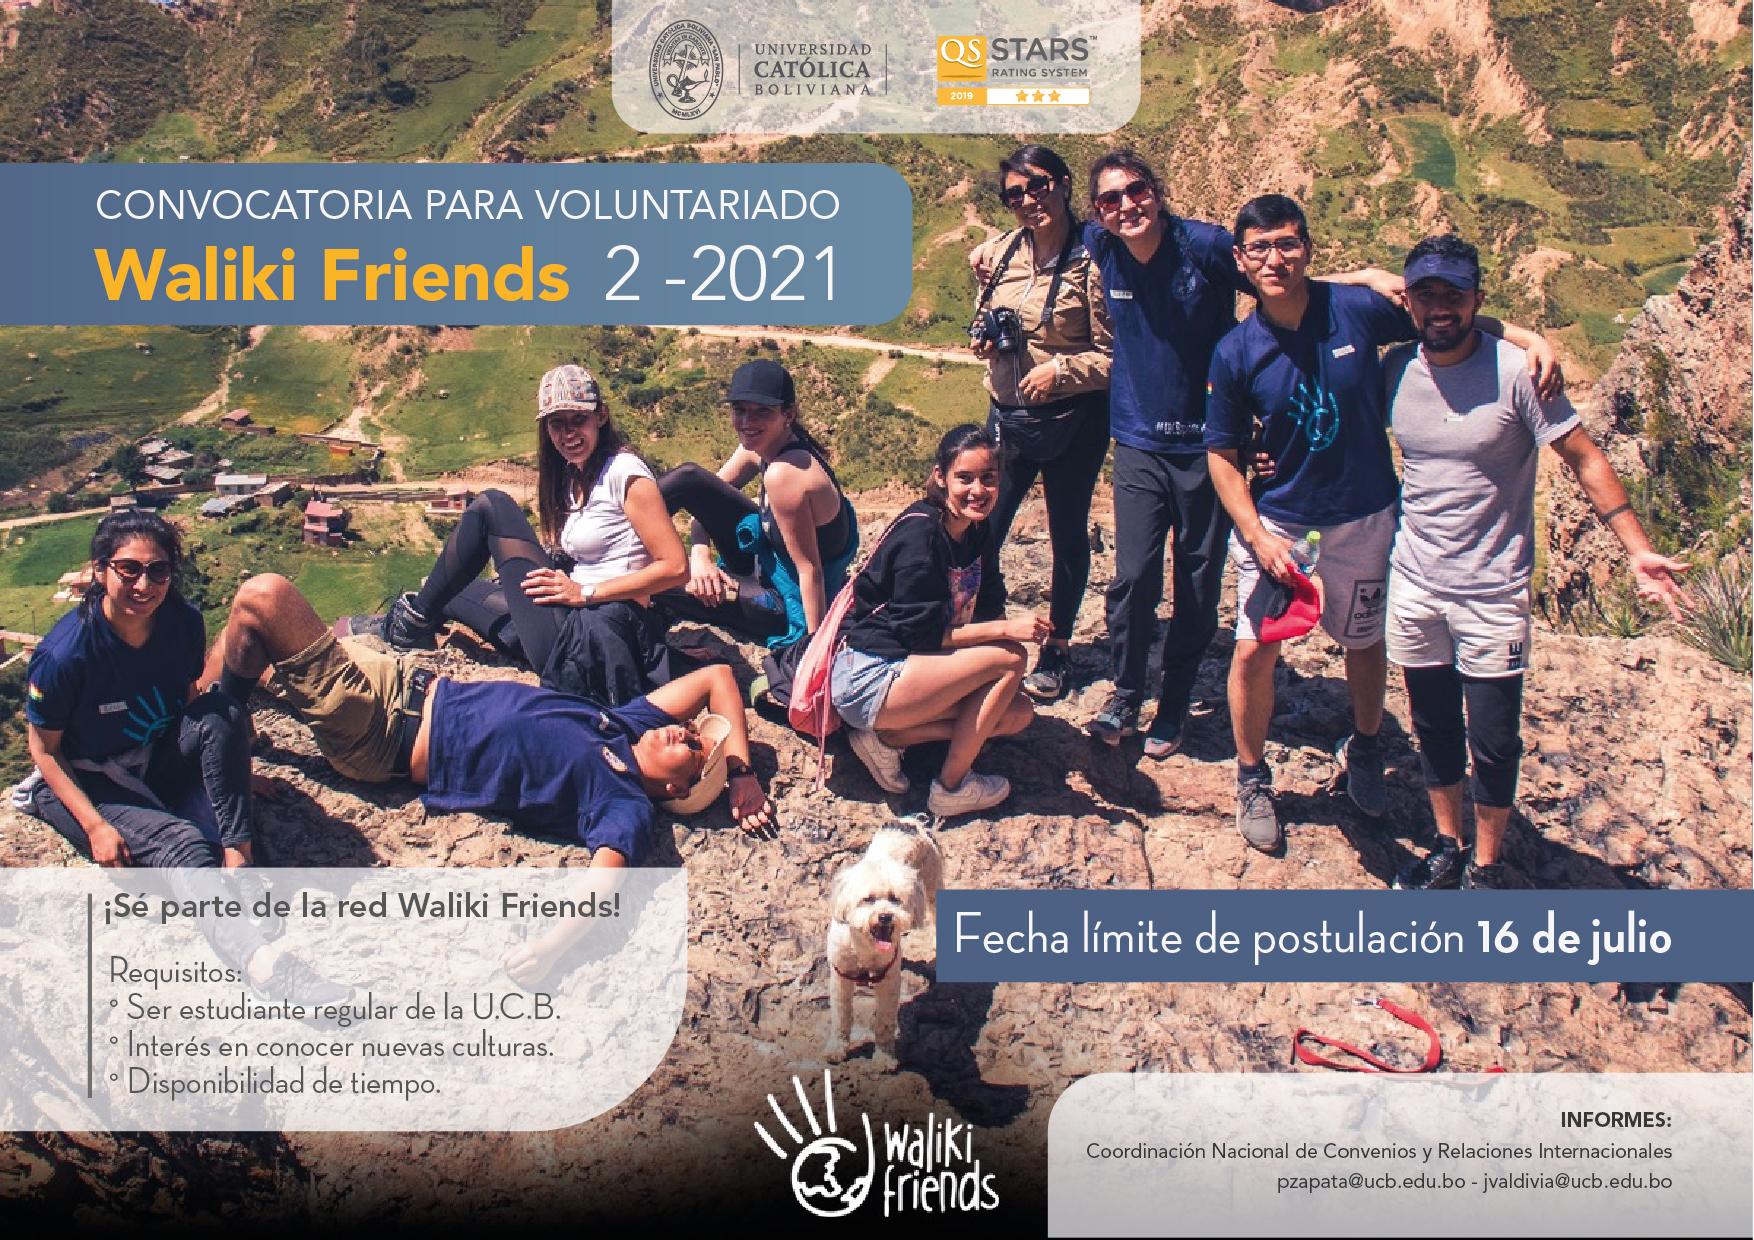 ¡Últimos días para ser parte de la red de voluntariado Waliki Friends!